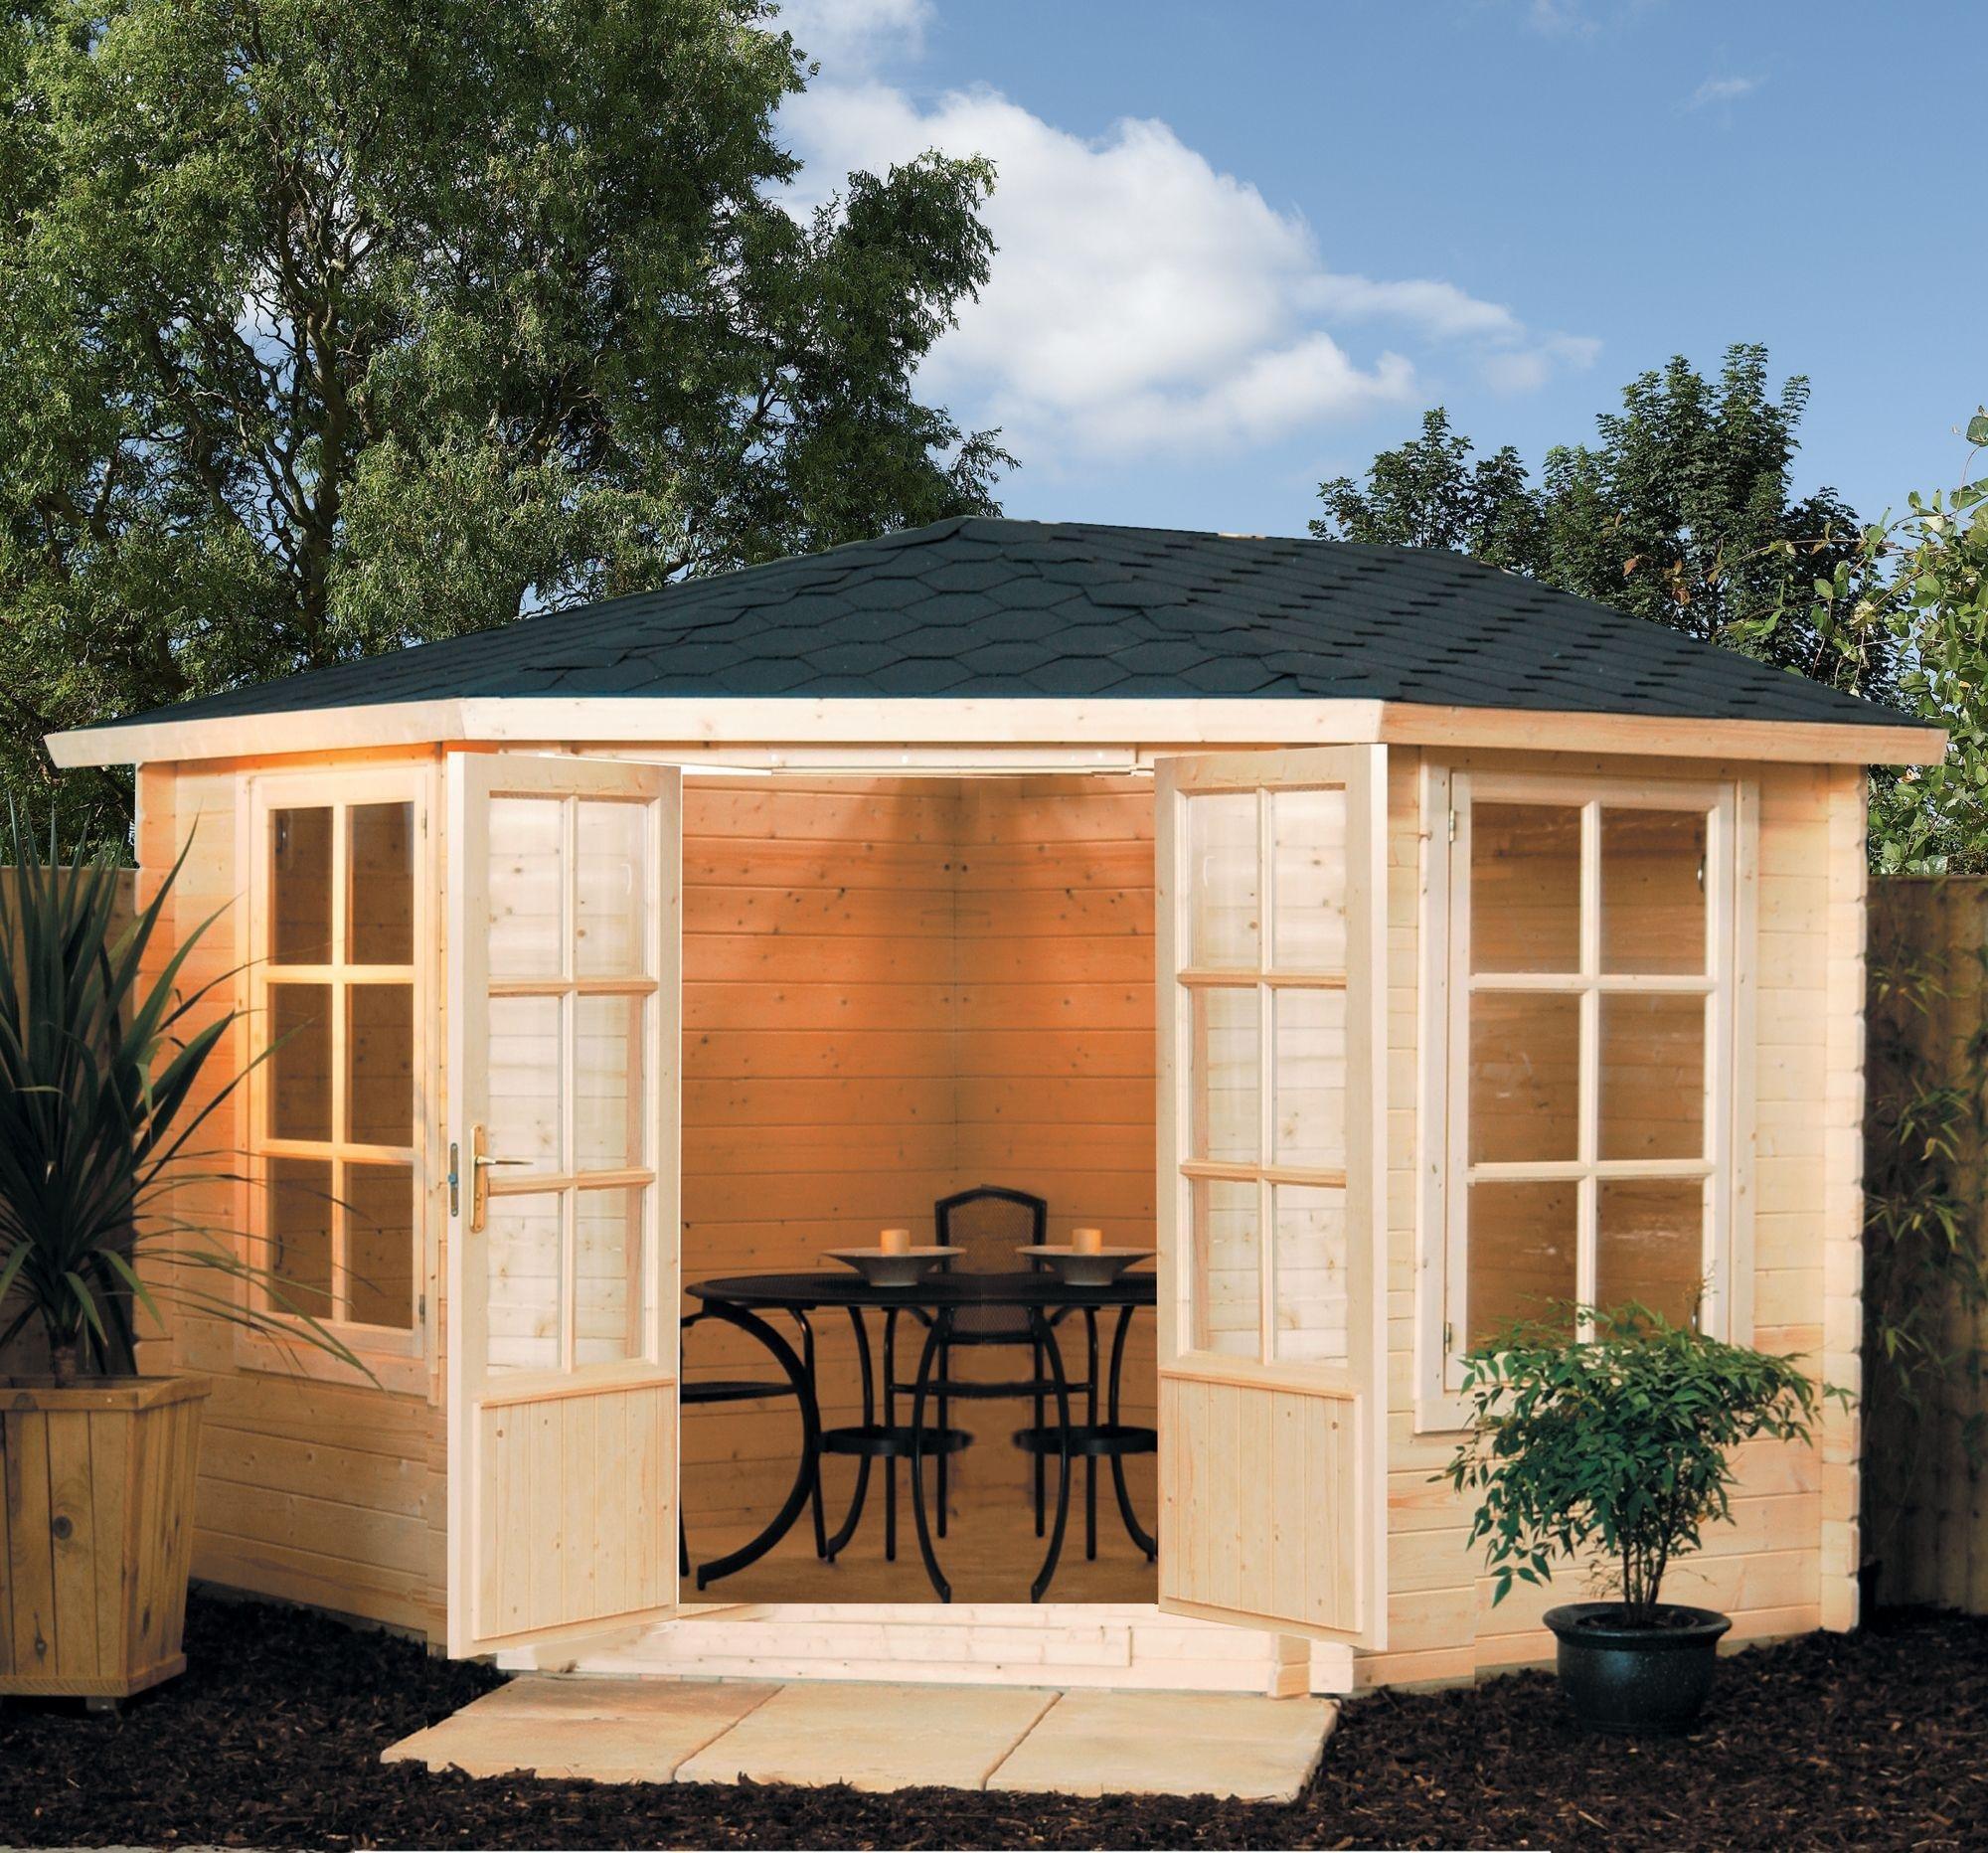 Kestrel Wooden Cabin - 10 x 10ft.